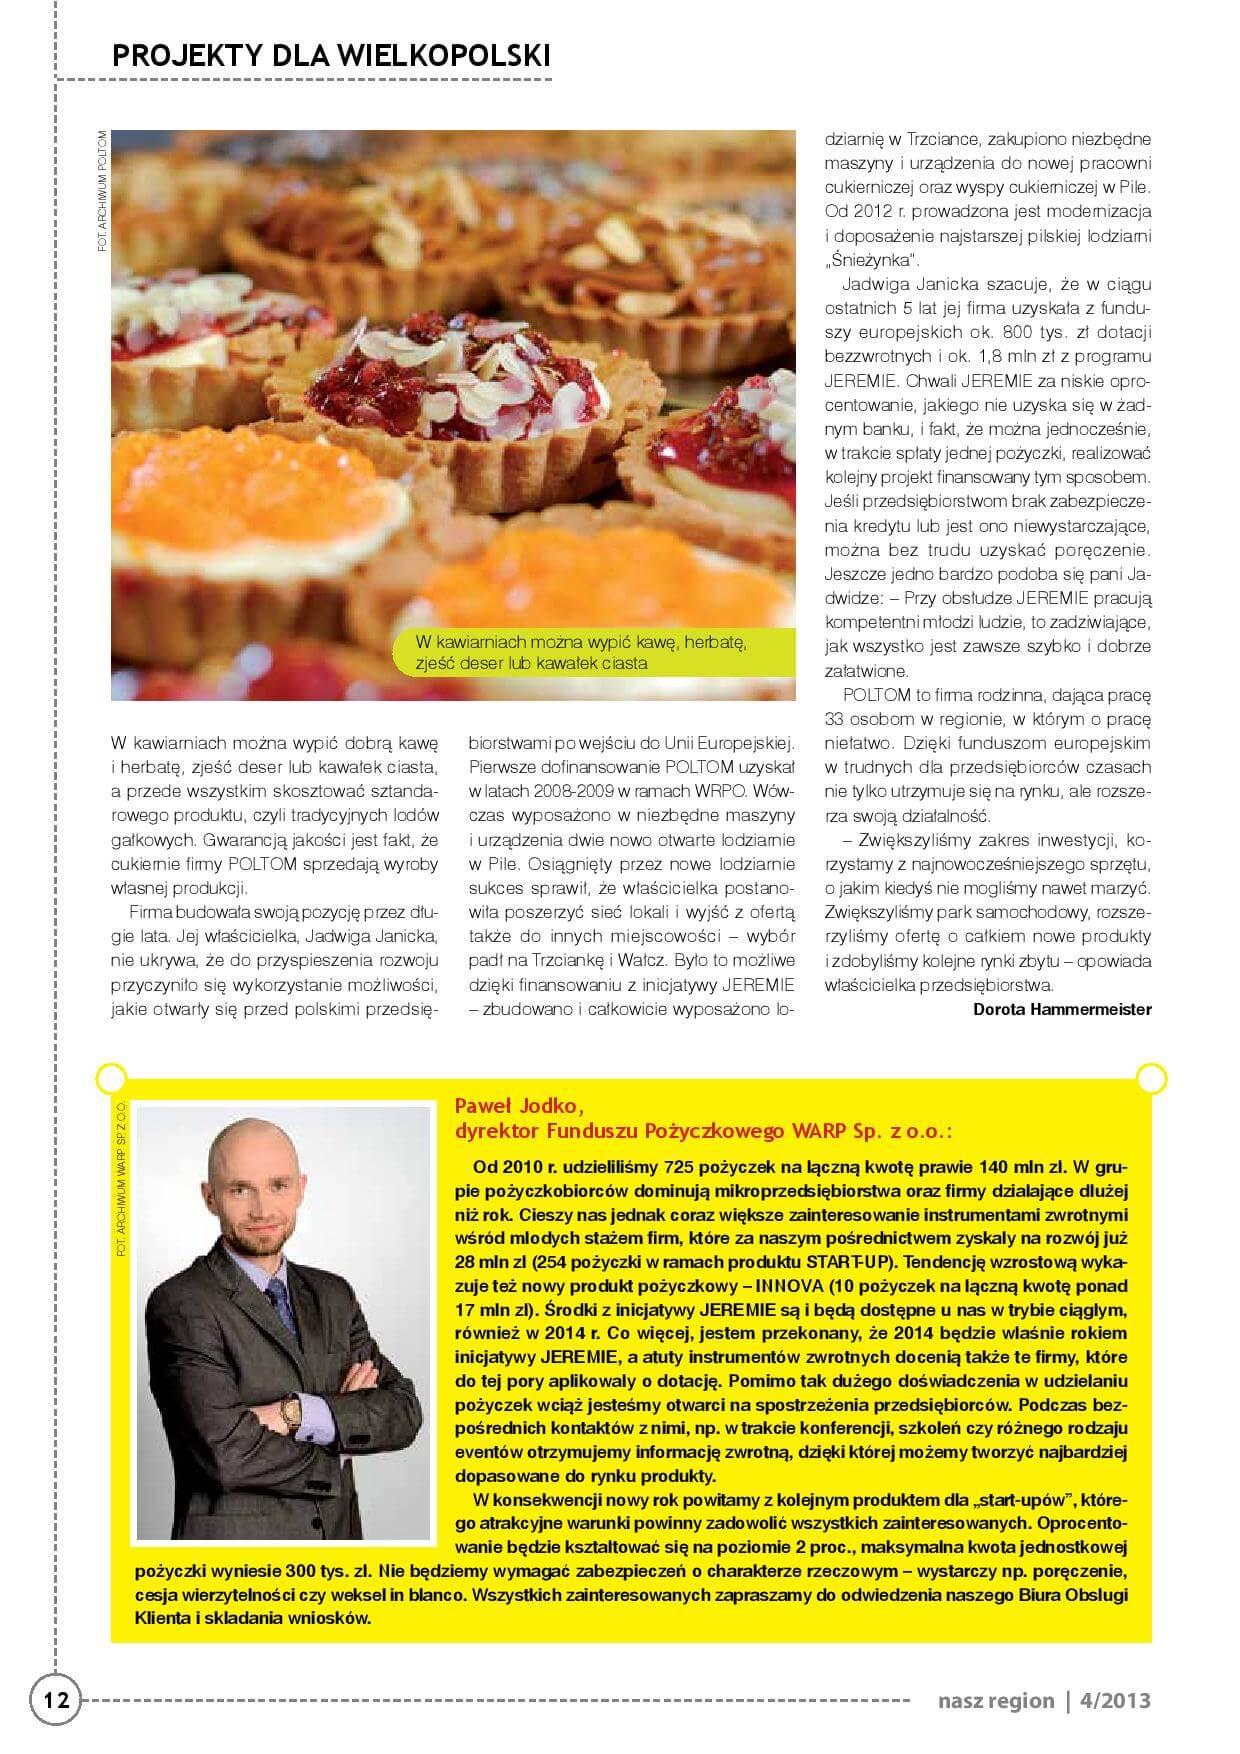 NaszRegion_04_2013_net-page-012